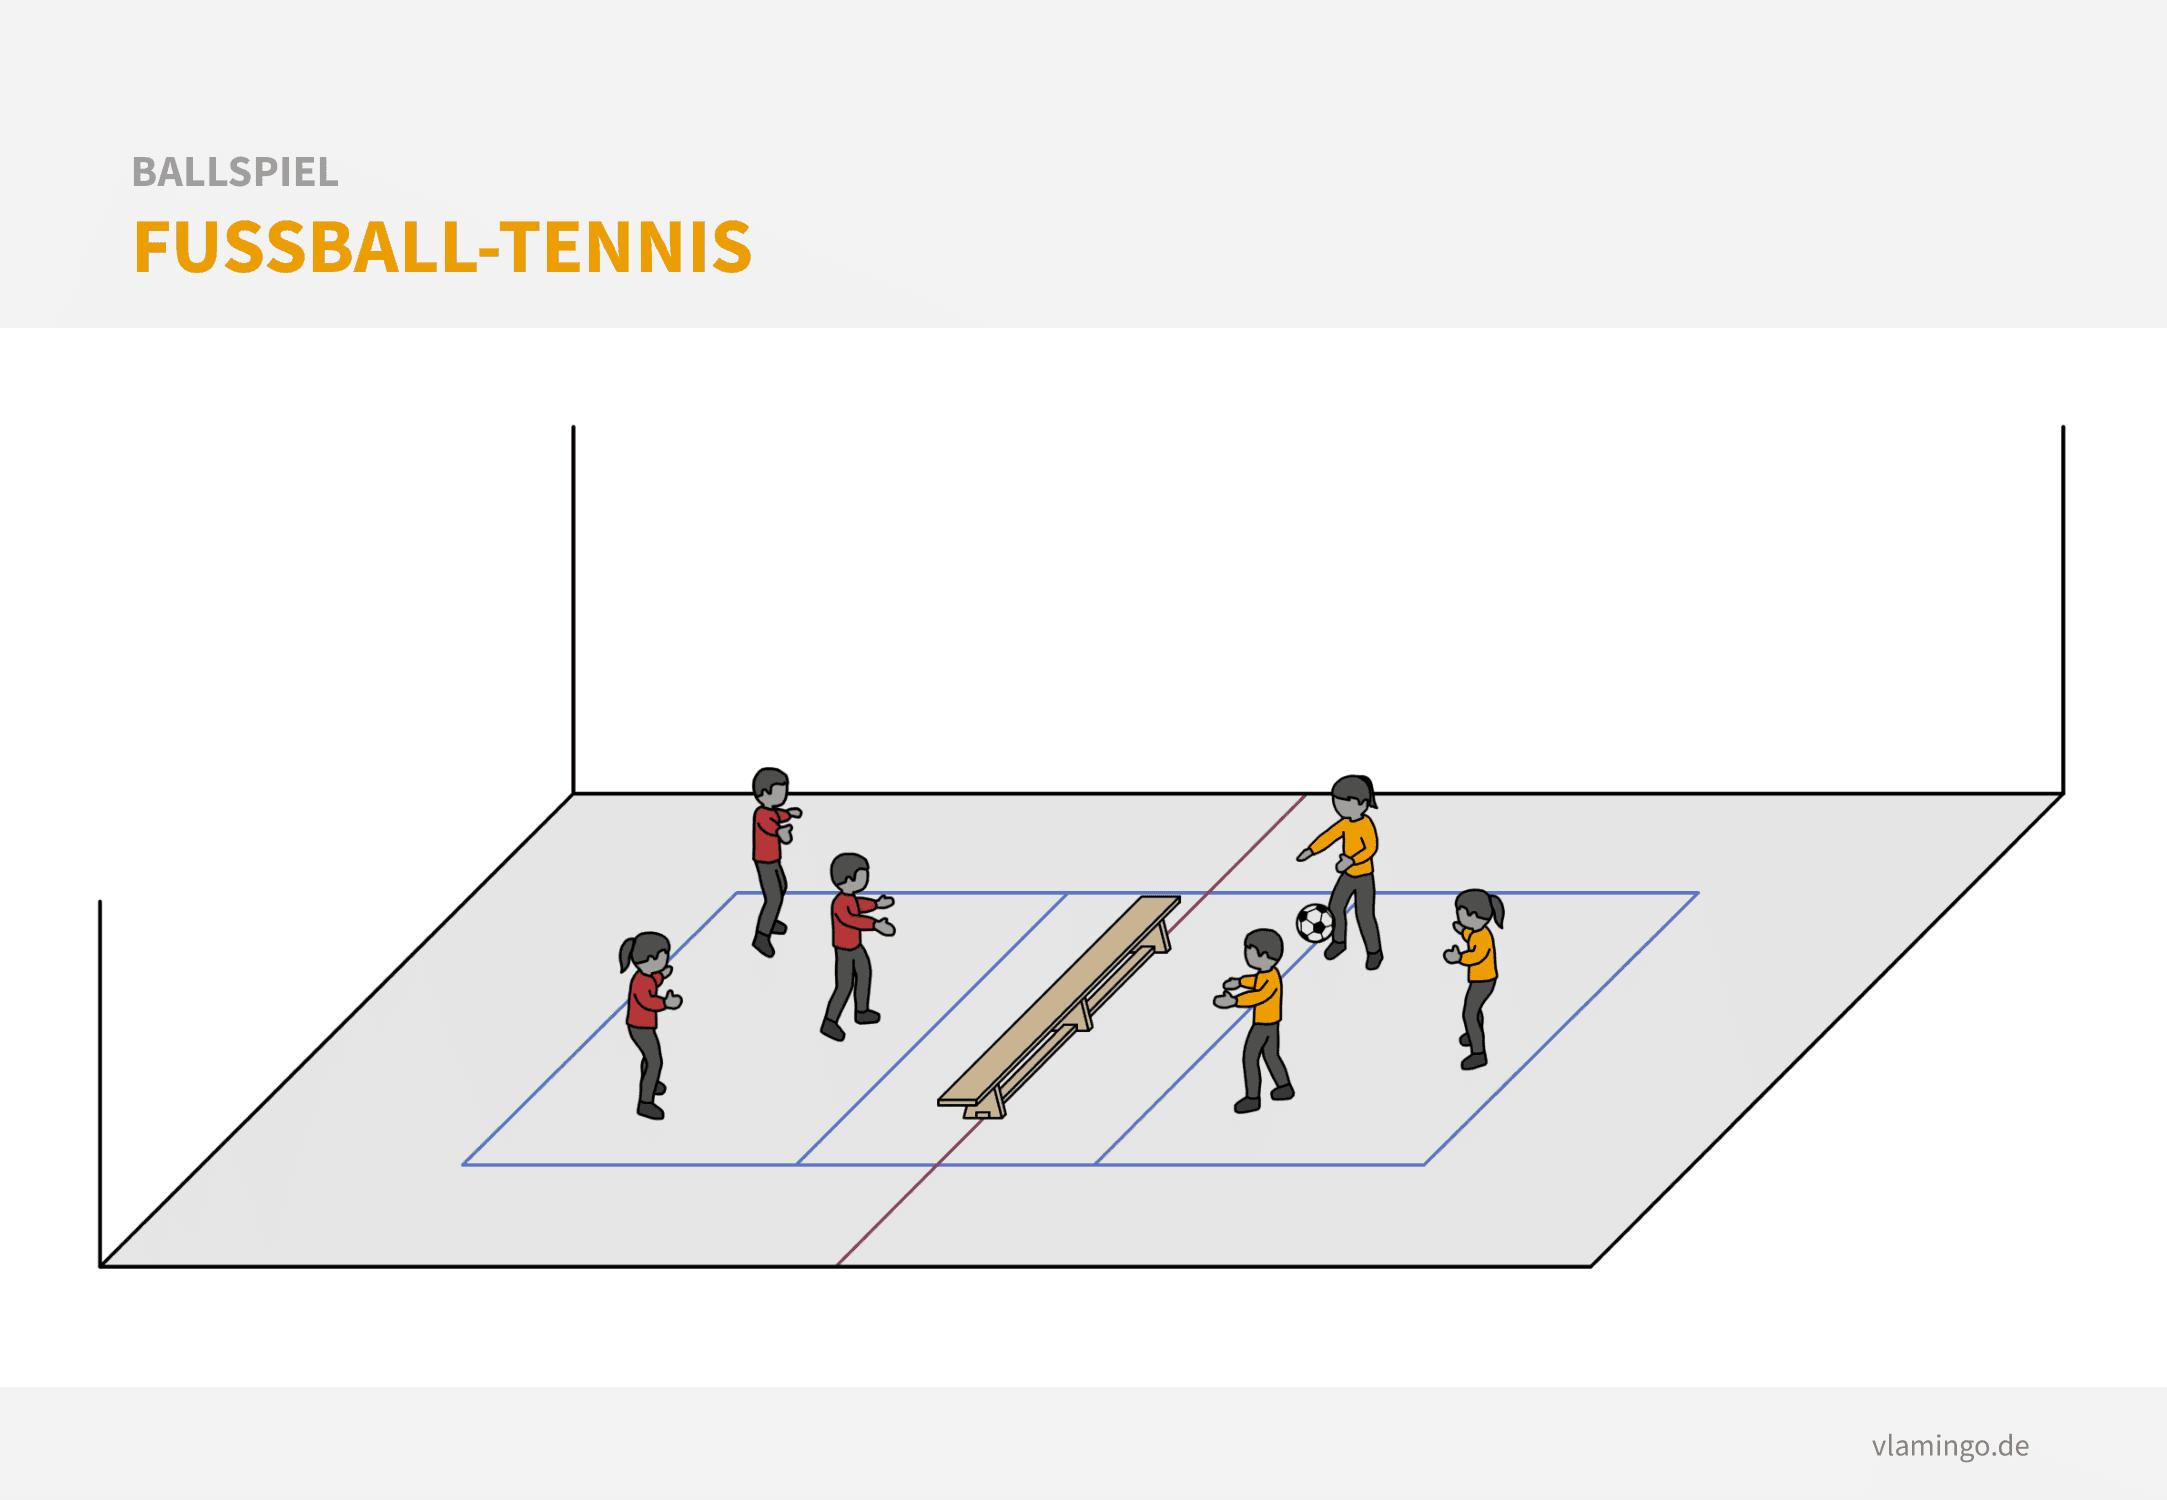 Fußball Aufwärmspiel: Fußball-Tennis